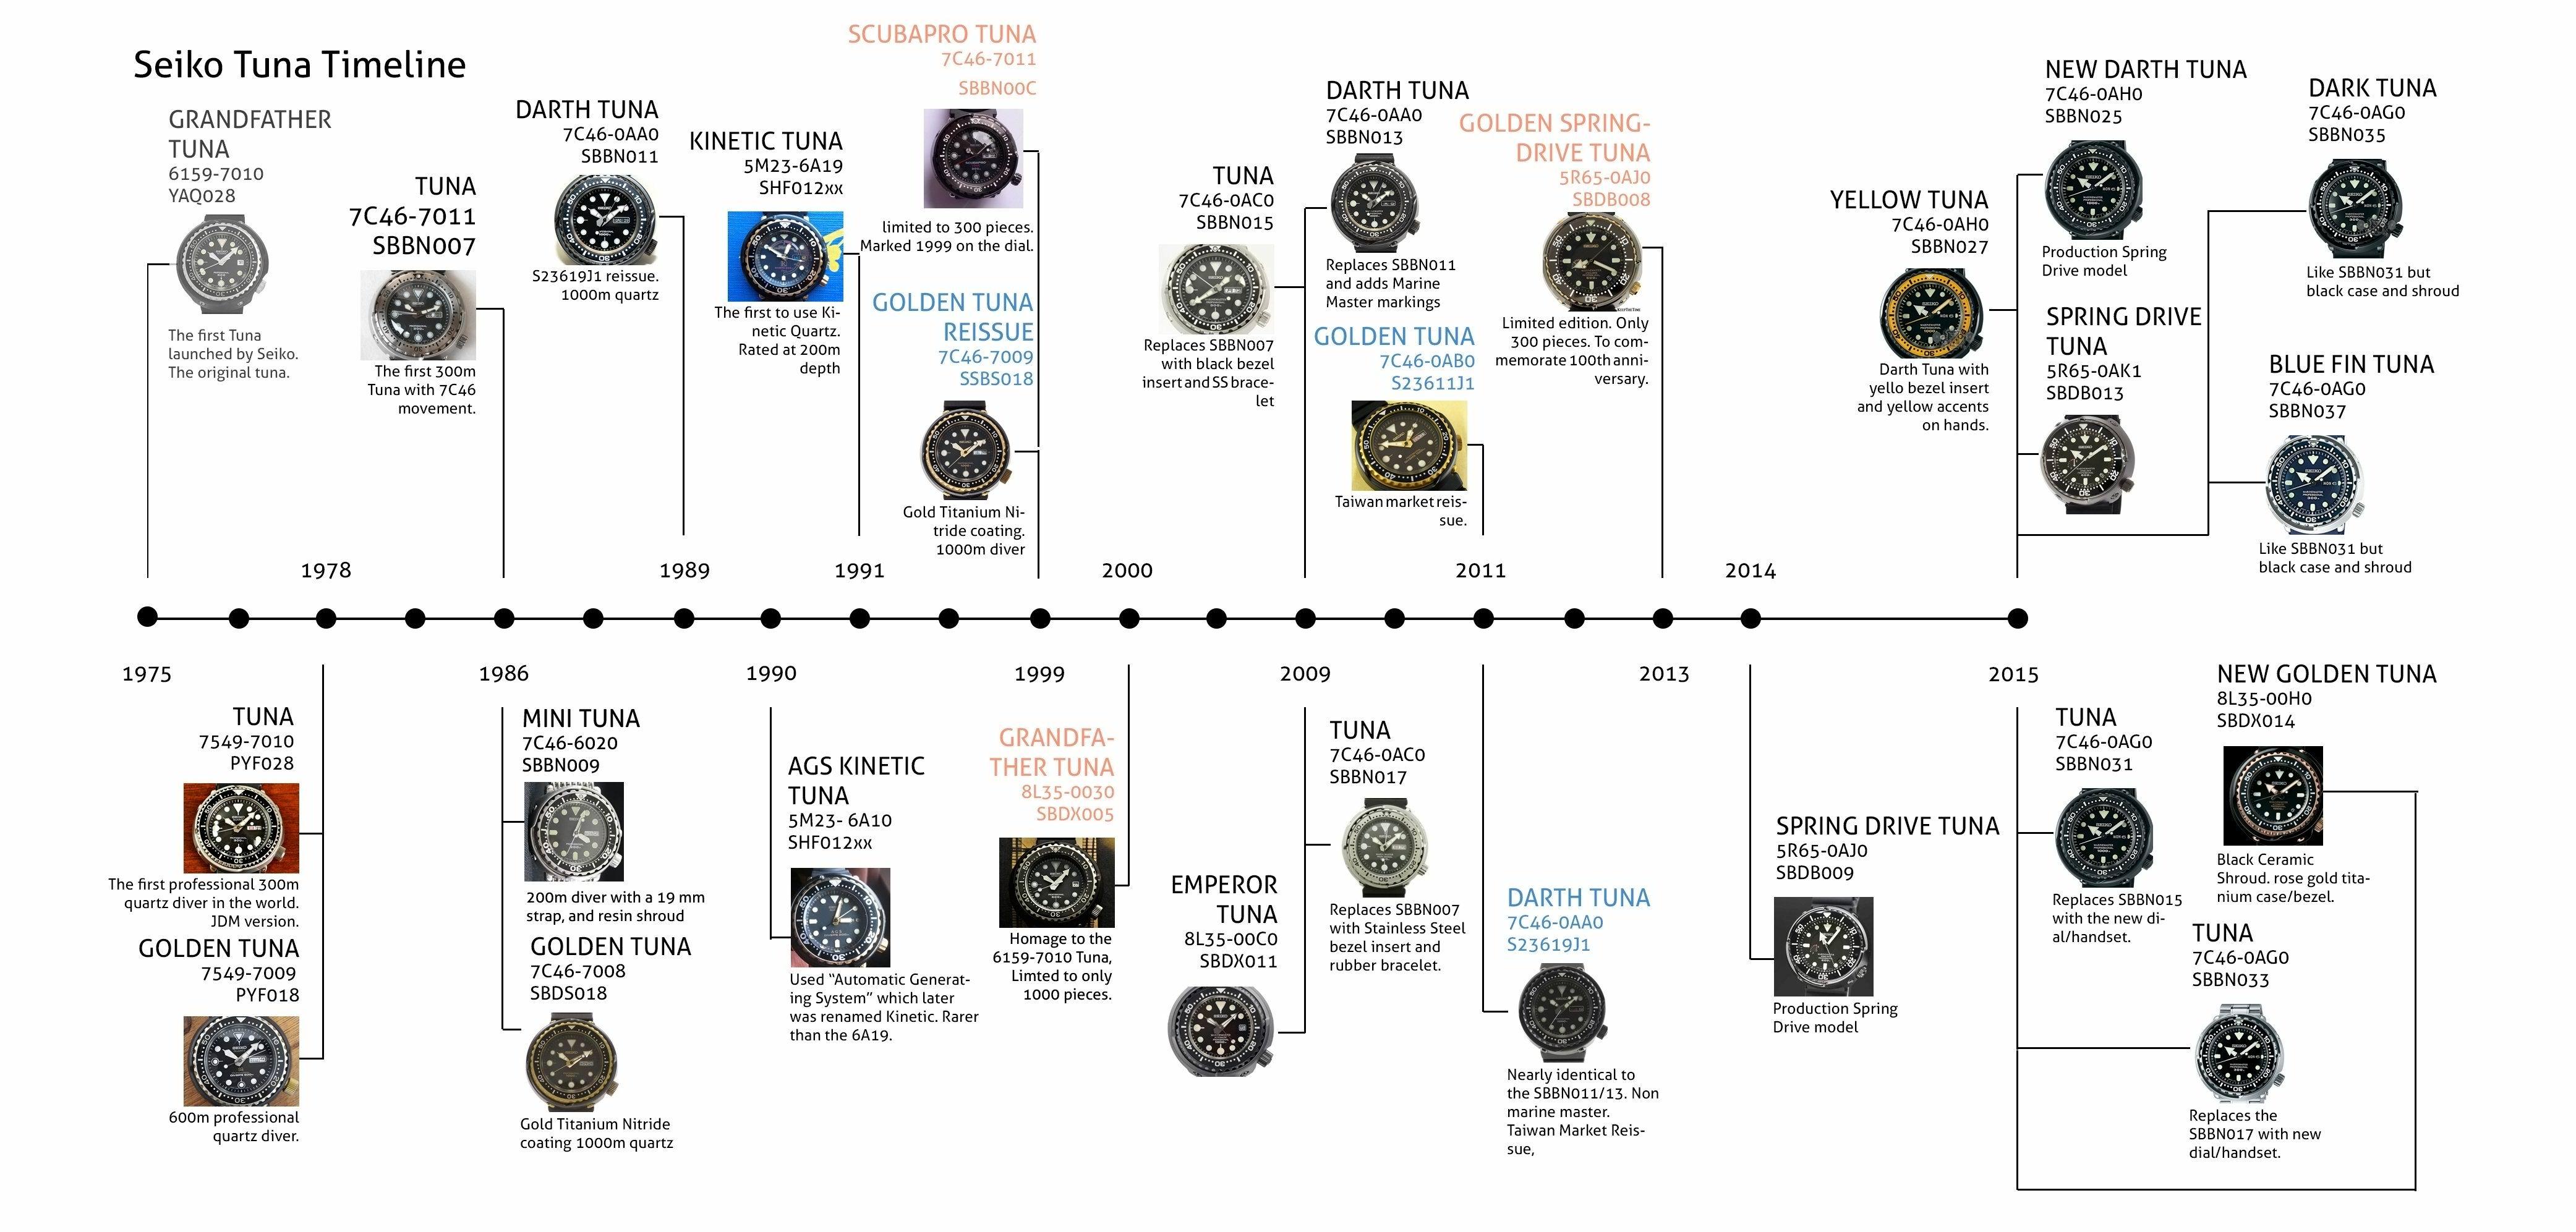 Seiko Tuna Timeline